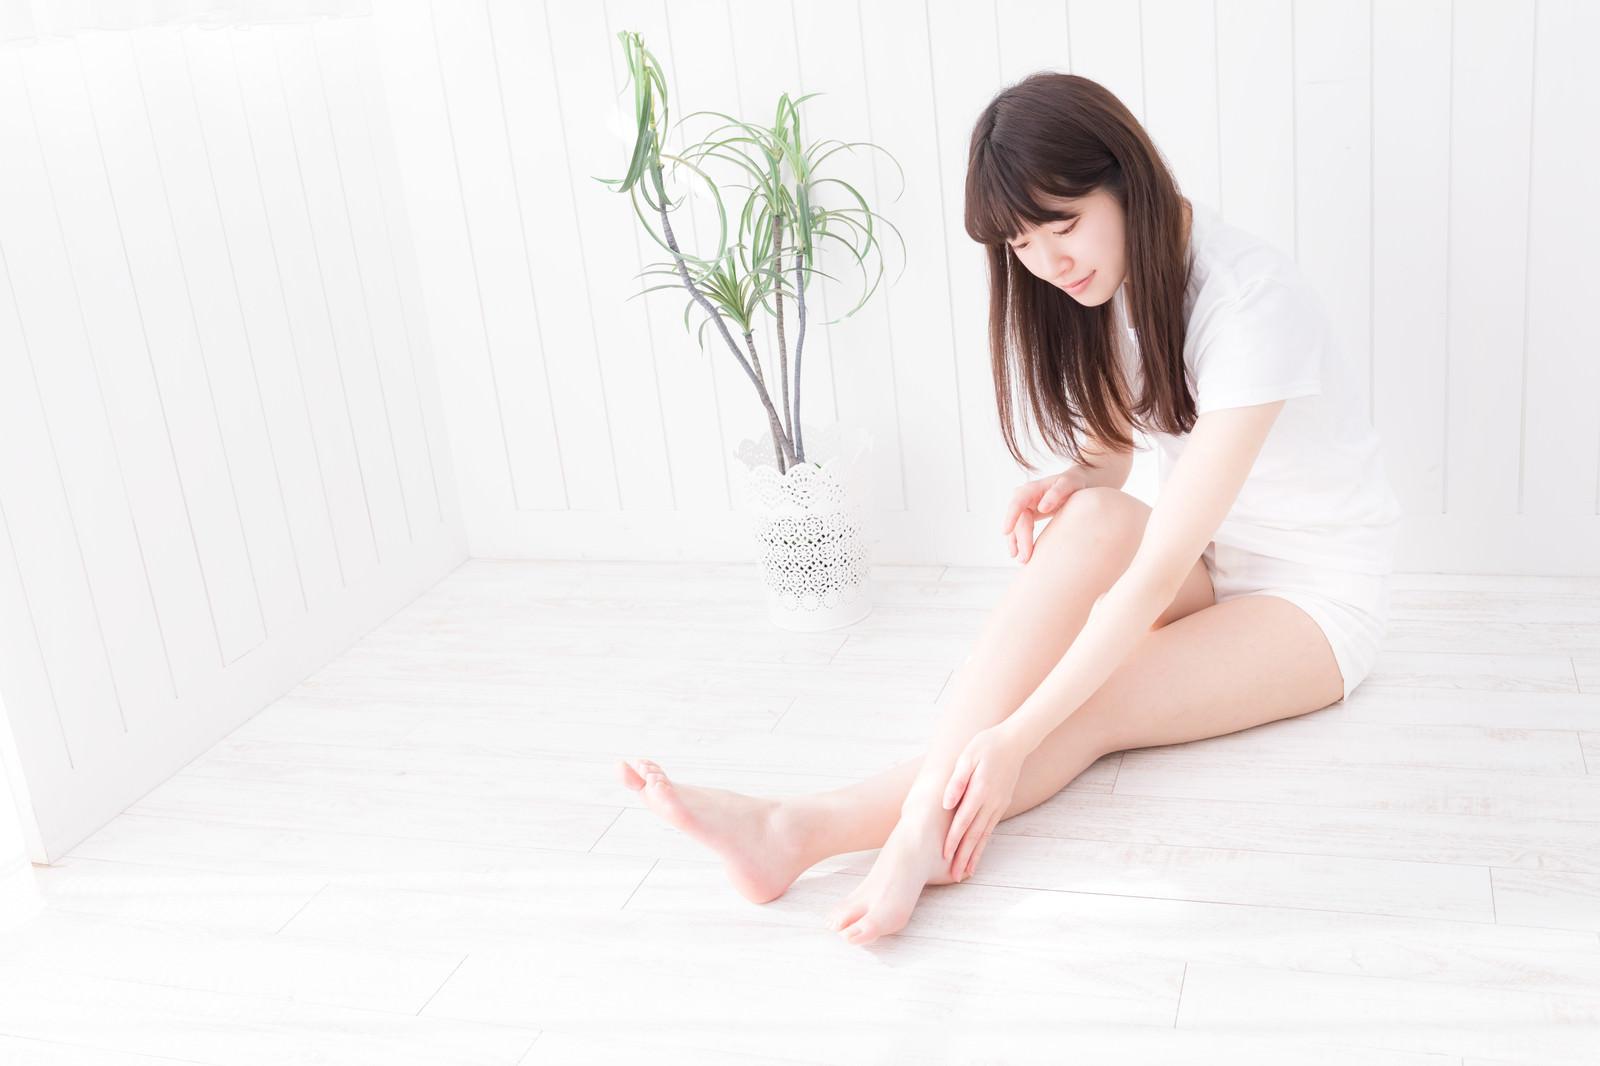 「伸ばした右足の膝下を覗き込む女性」の写真[モデル:川子芹菜]